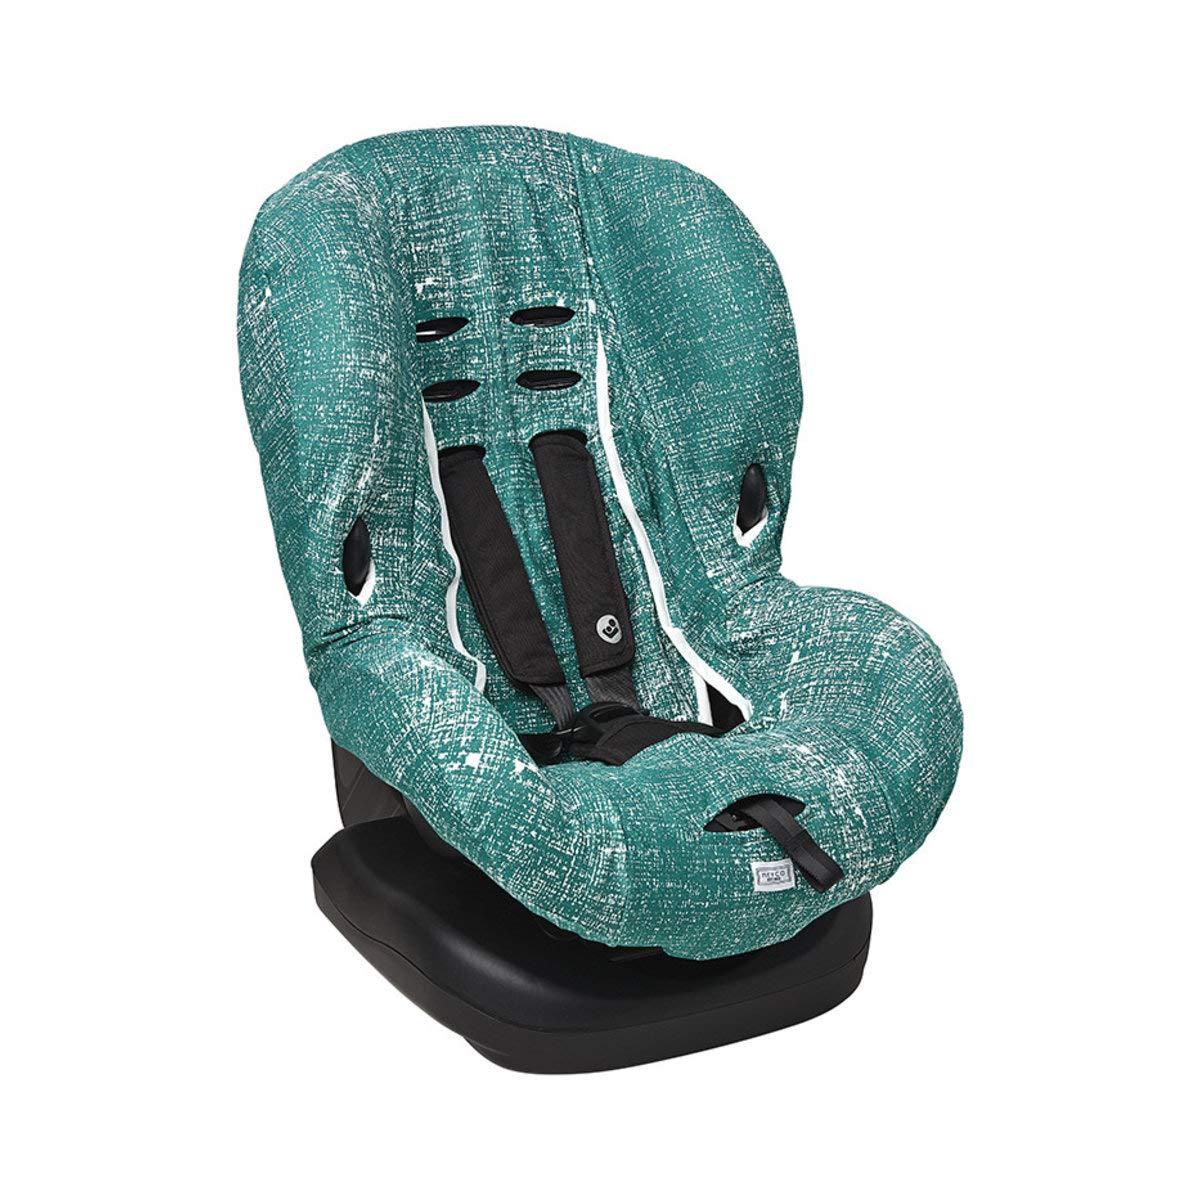 Lines - Emerald Green Meyco Baby ** Kuschelig weicher UniversalBezug//SchonBezug ** 100/% atmungsaktive Baumwolle ** 3 UND 5 Punkt Gurt System ** Gr/ö/ße 1 z.B f/ür Maxi-Cosi Priori//SPS//XP u.a.